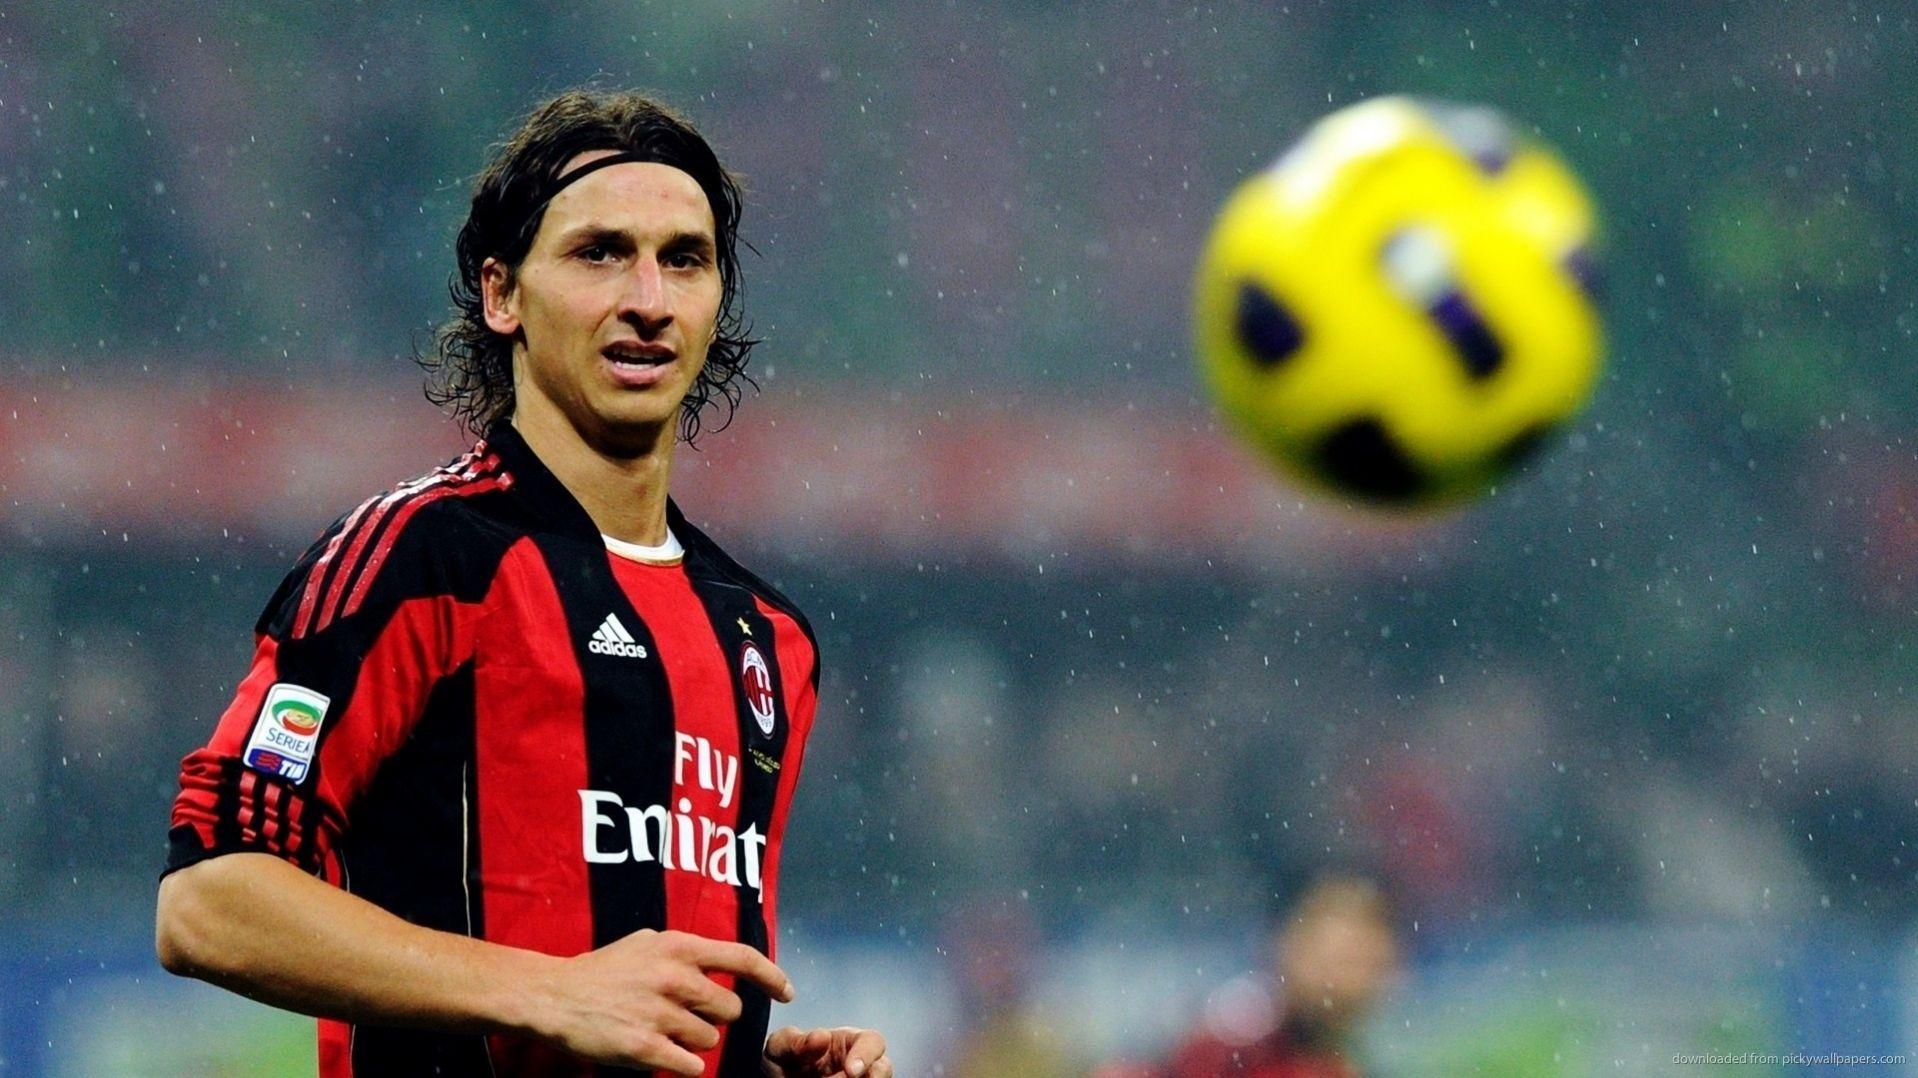 Zlatan Ibrahimovic Hd Wallpaper Zlatan Ibrahimovic Soccer